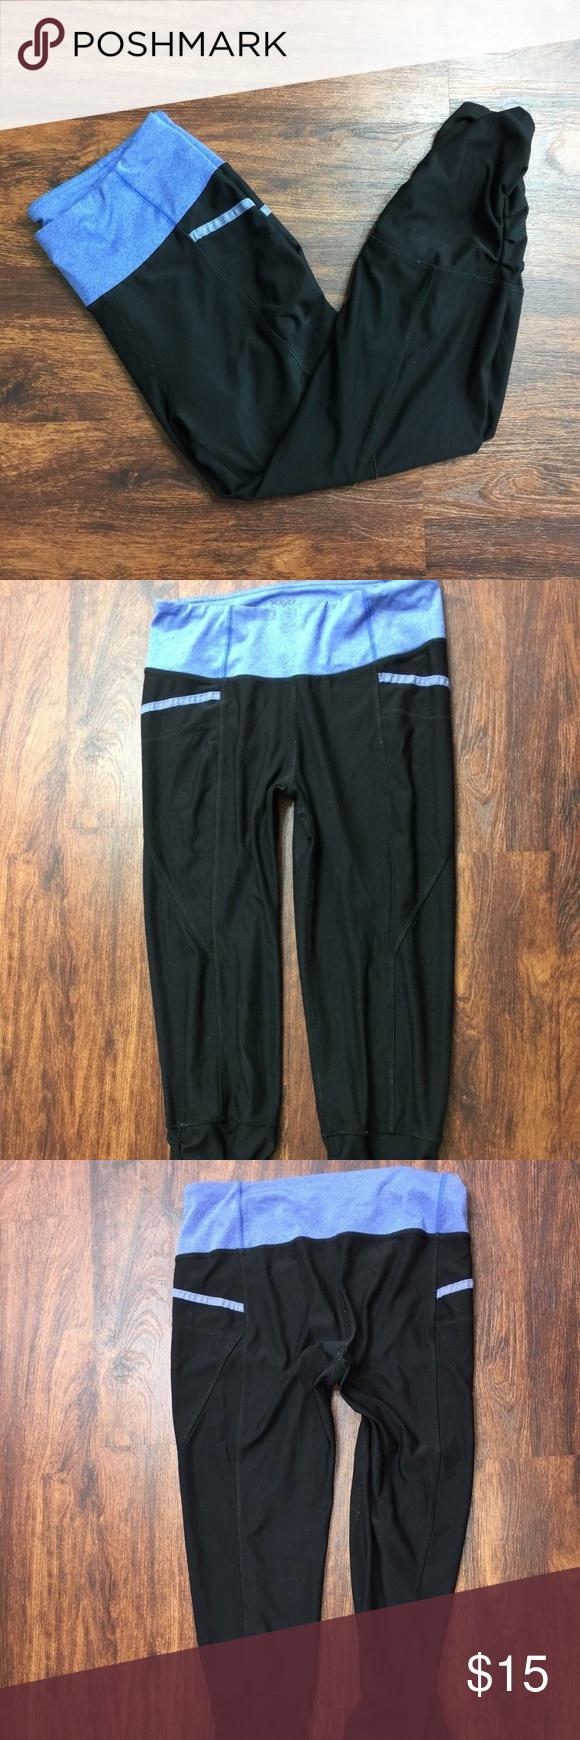 717fc68d802efb VOGO Athletica Black/Blue Workout Yoga Pants SizeM VOGO Athletica Black &  Blue Running Workout